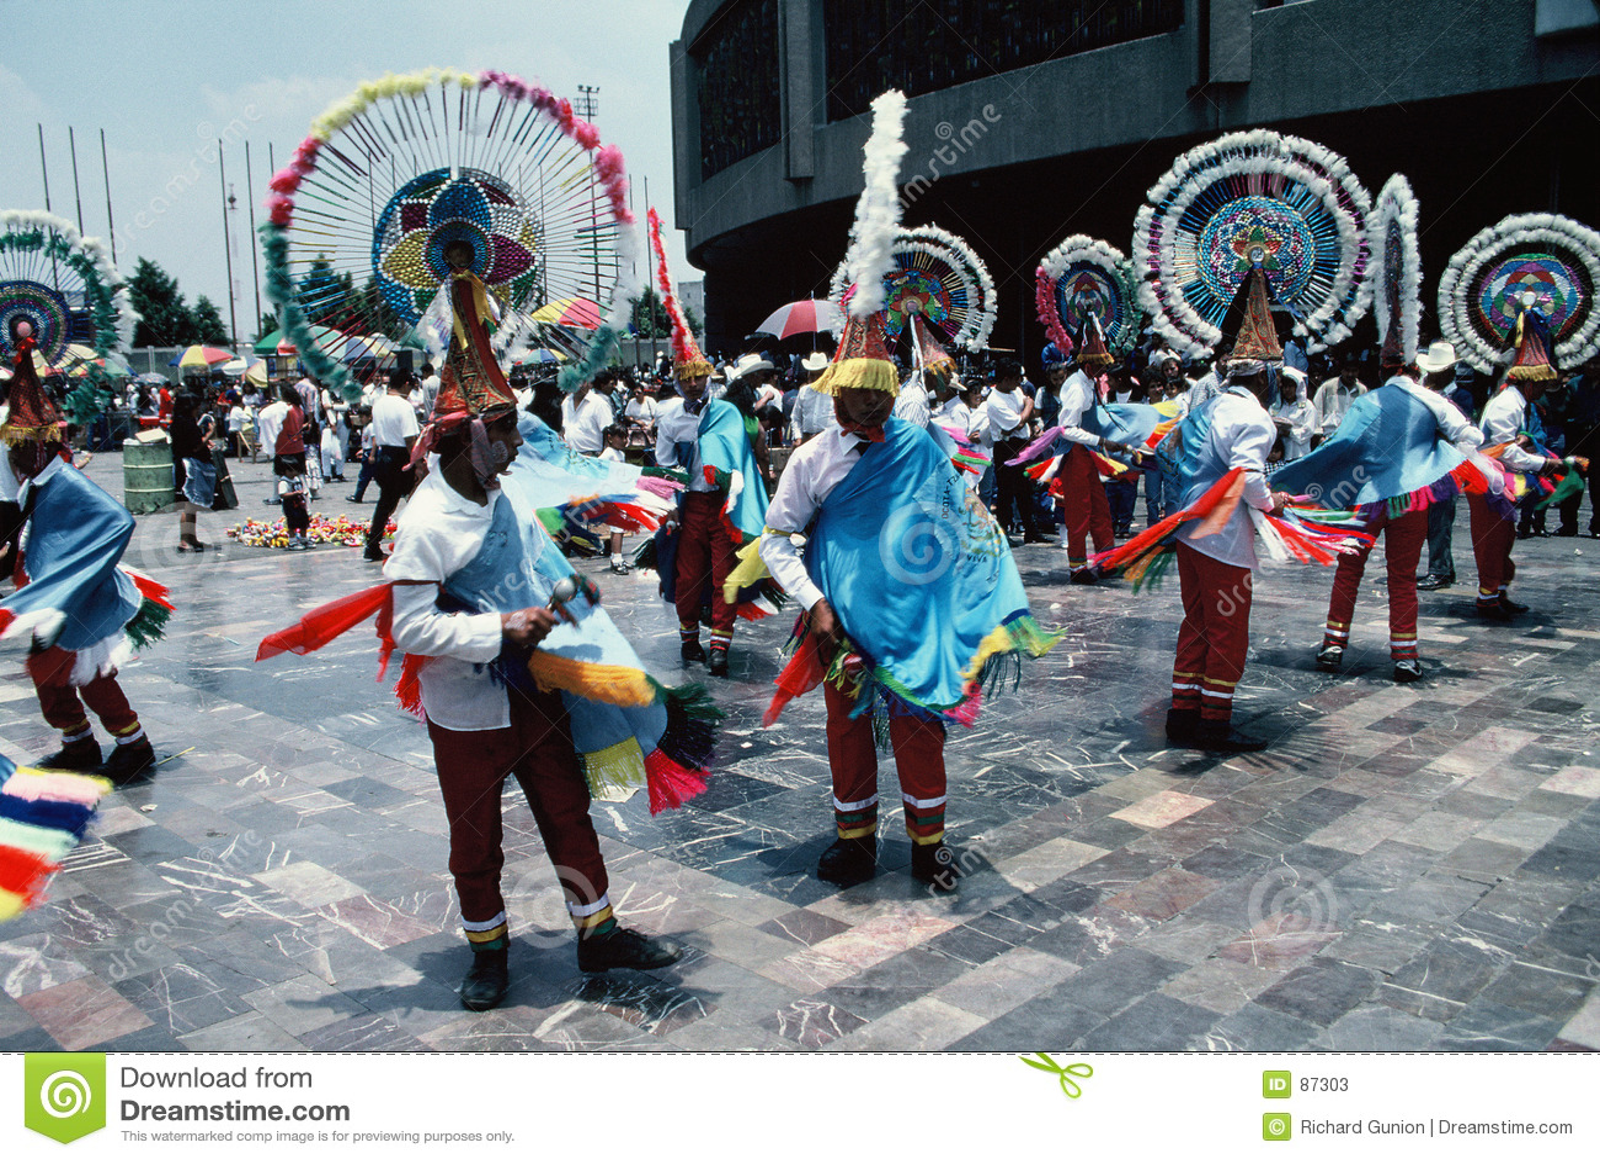 των Αζτέκων χορευτές Μεξικό πόλεων